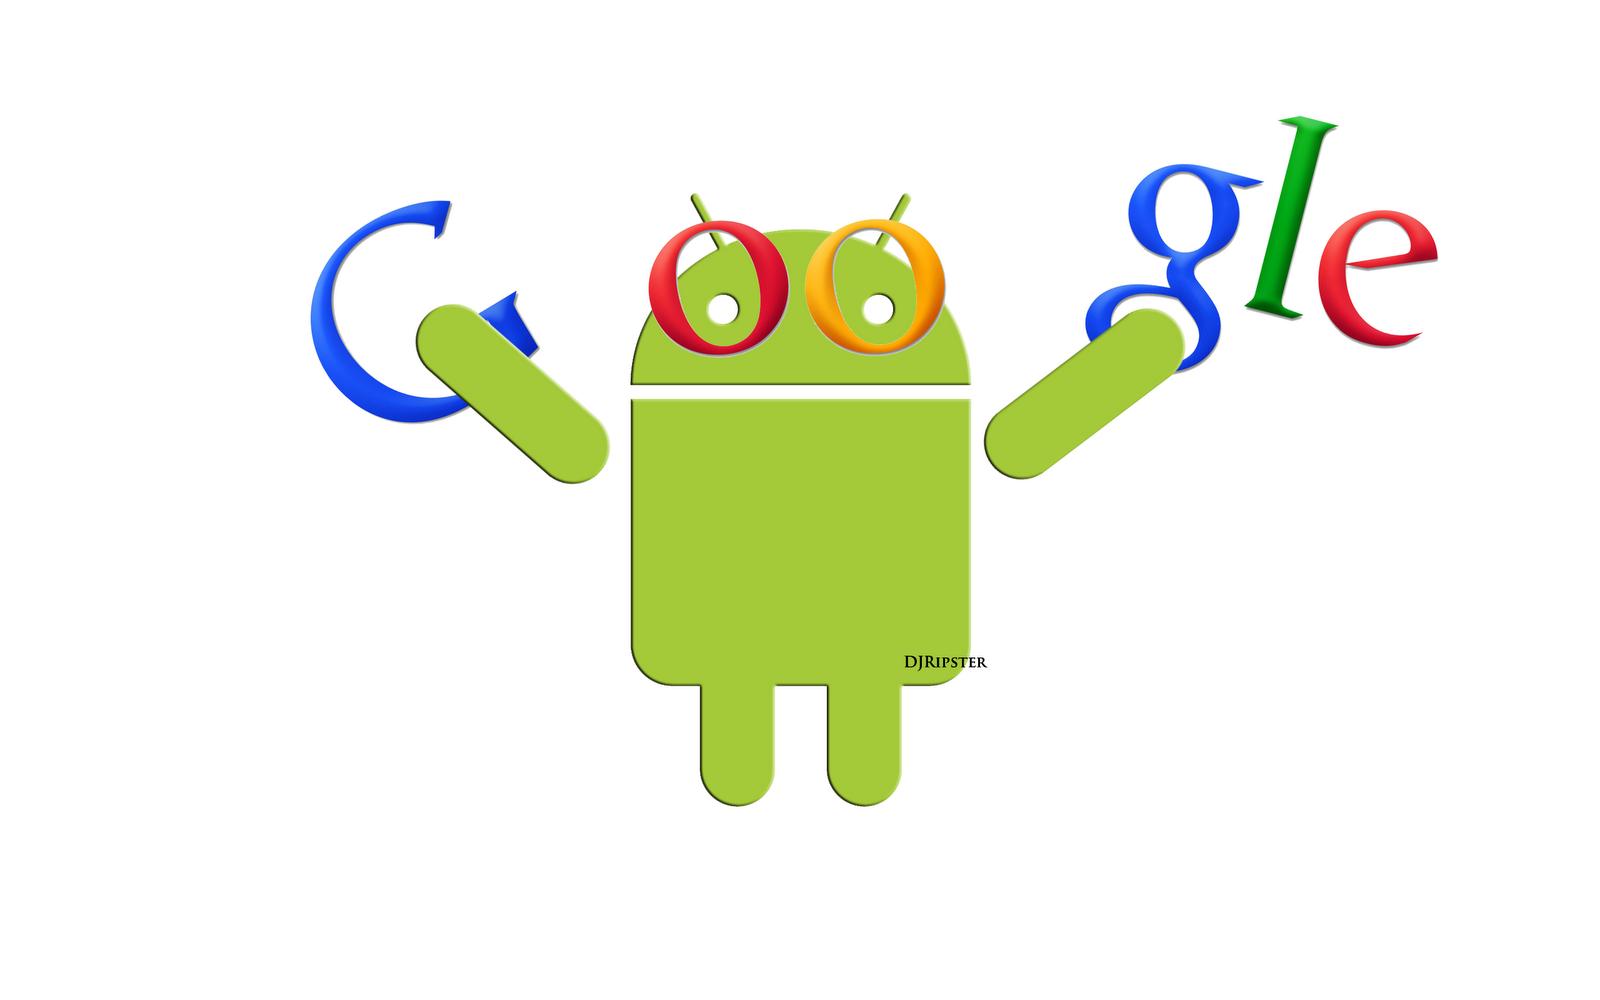 الاتحاد الأوروبي يريد من غوغل وقف ممارسات غير تنافسية بشأن أندرويد